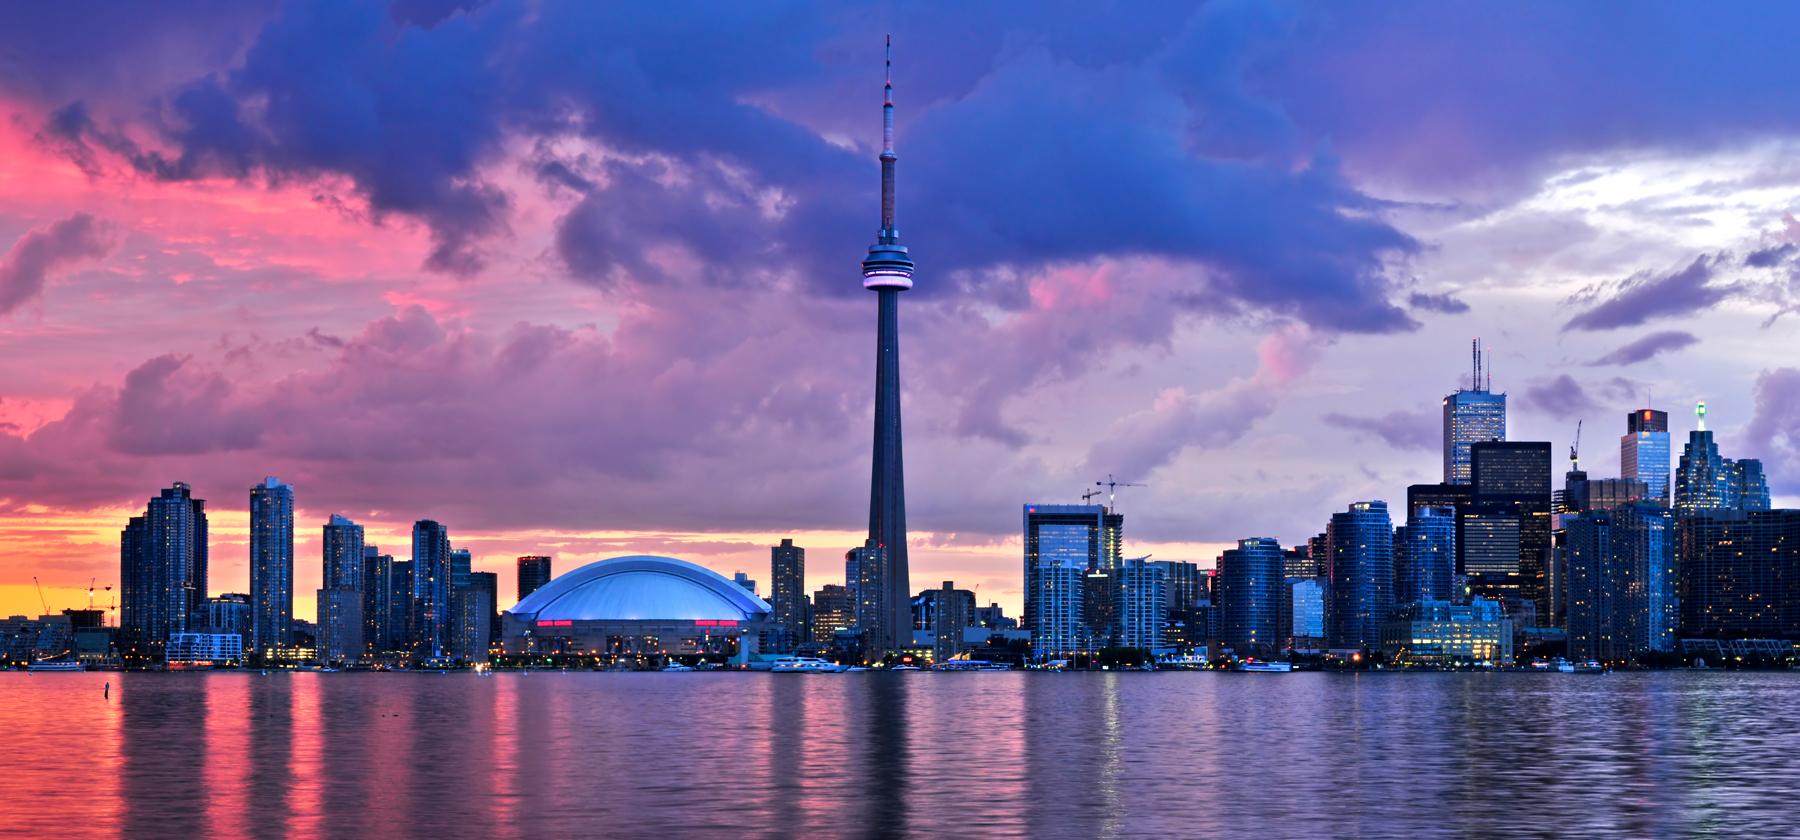 عکس کشور کانادا شهر تورنتو